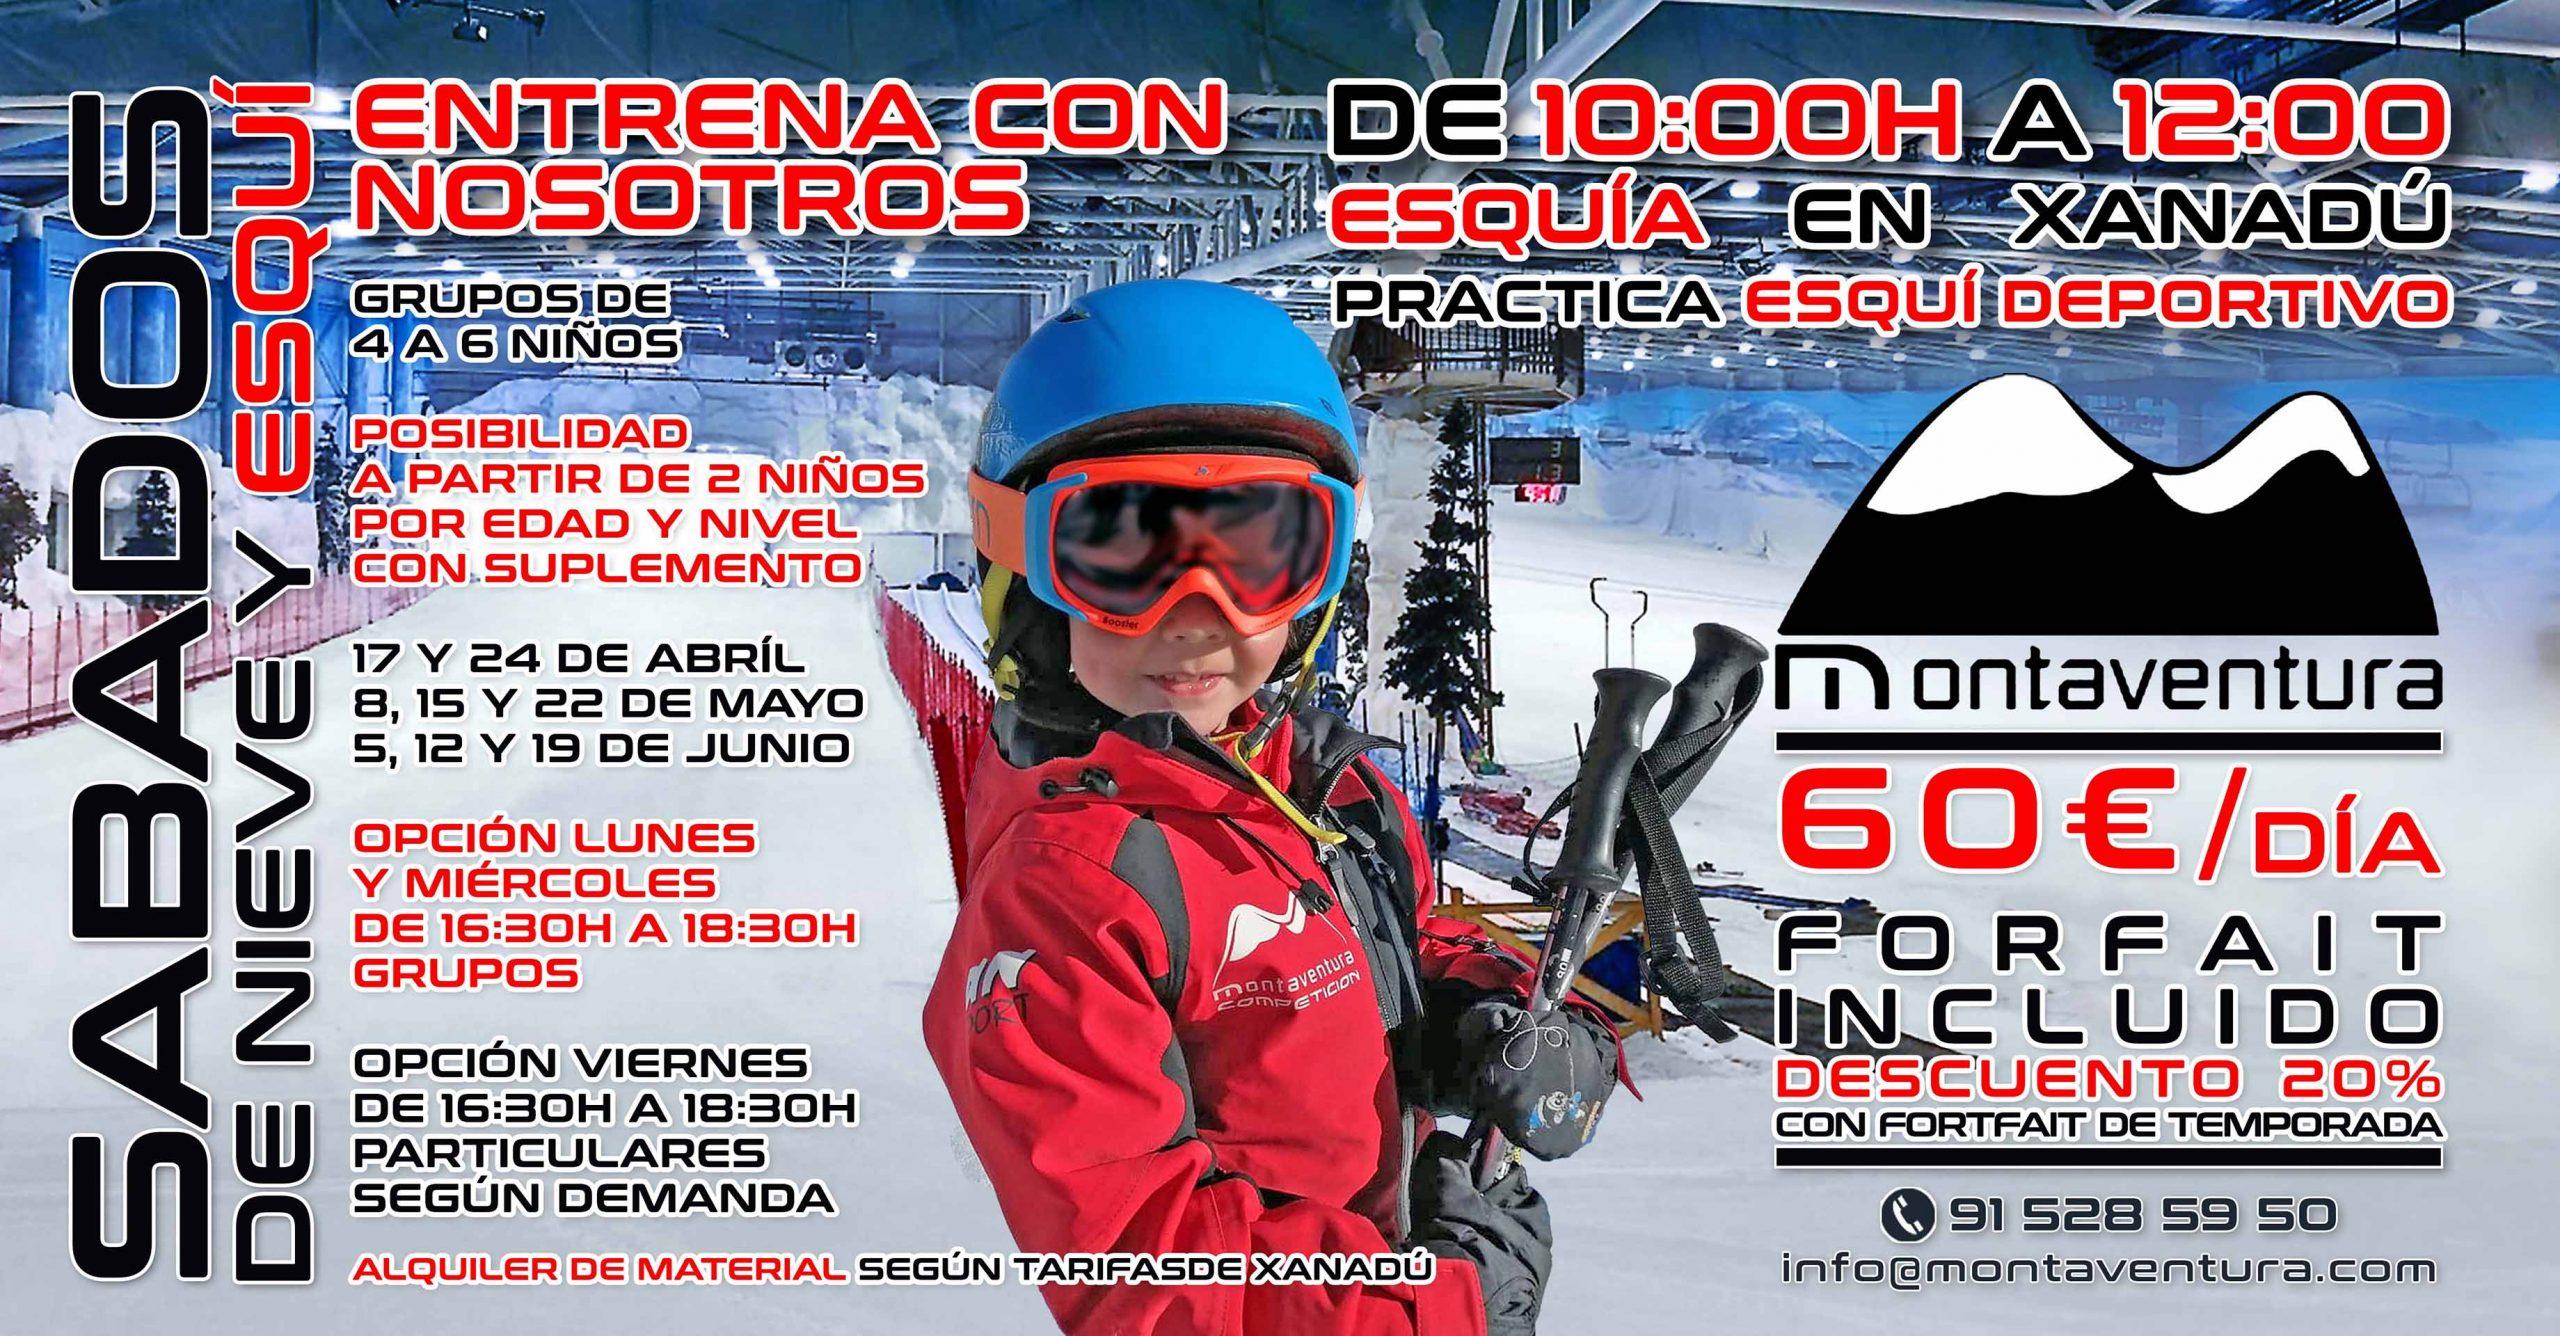 Entrena Esqui Deportivo con Montaventura en Xanadu